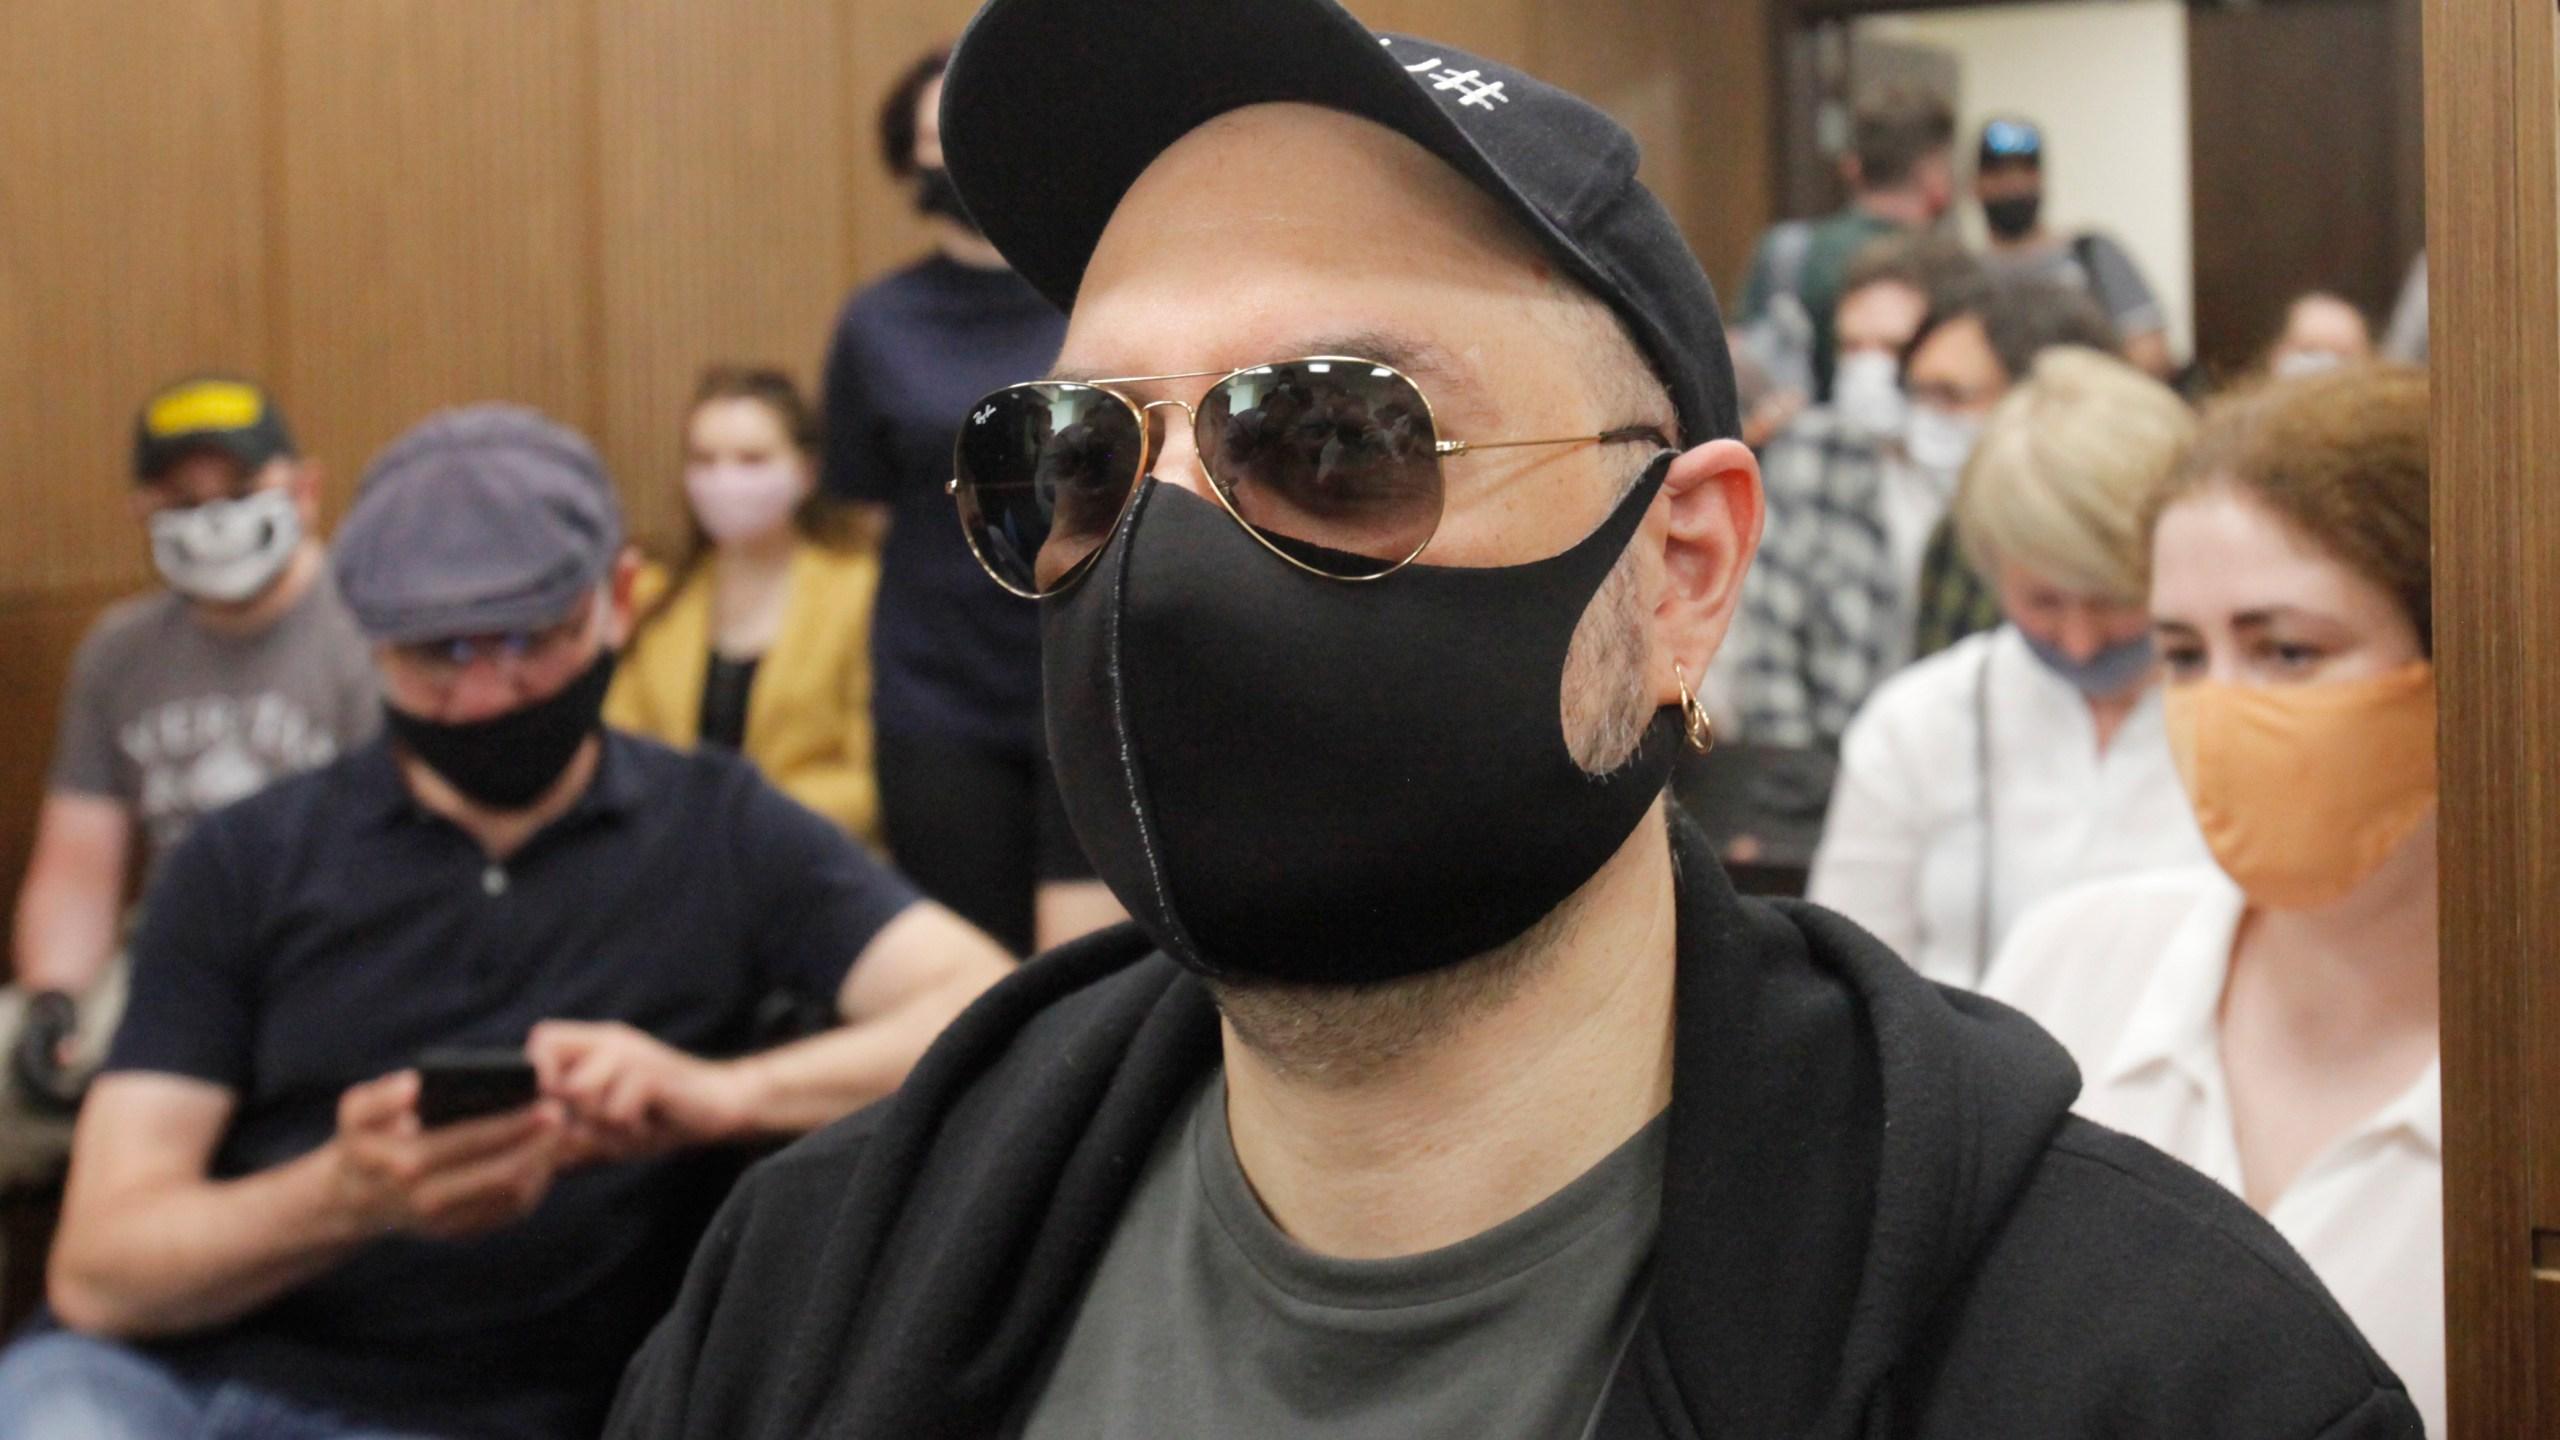 Kirill Serebrennikov